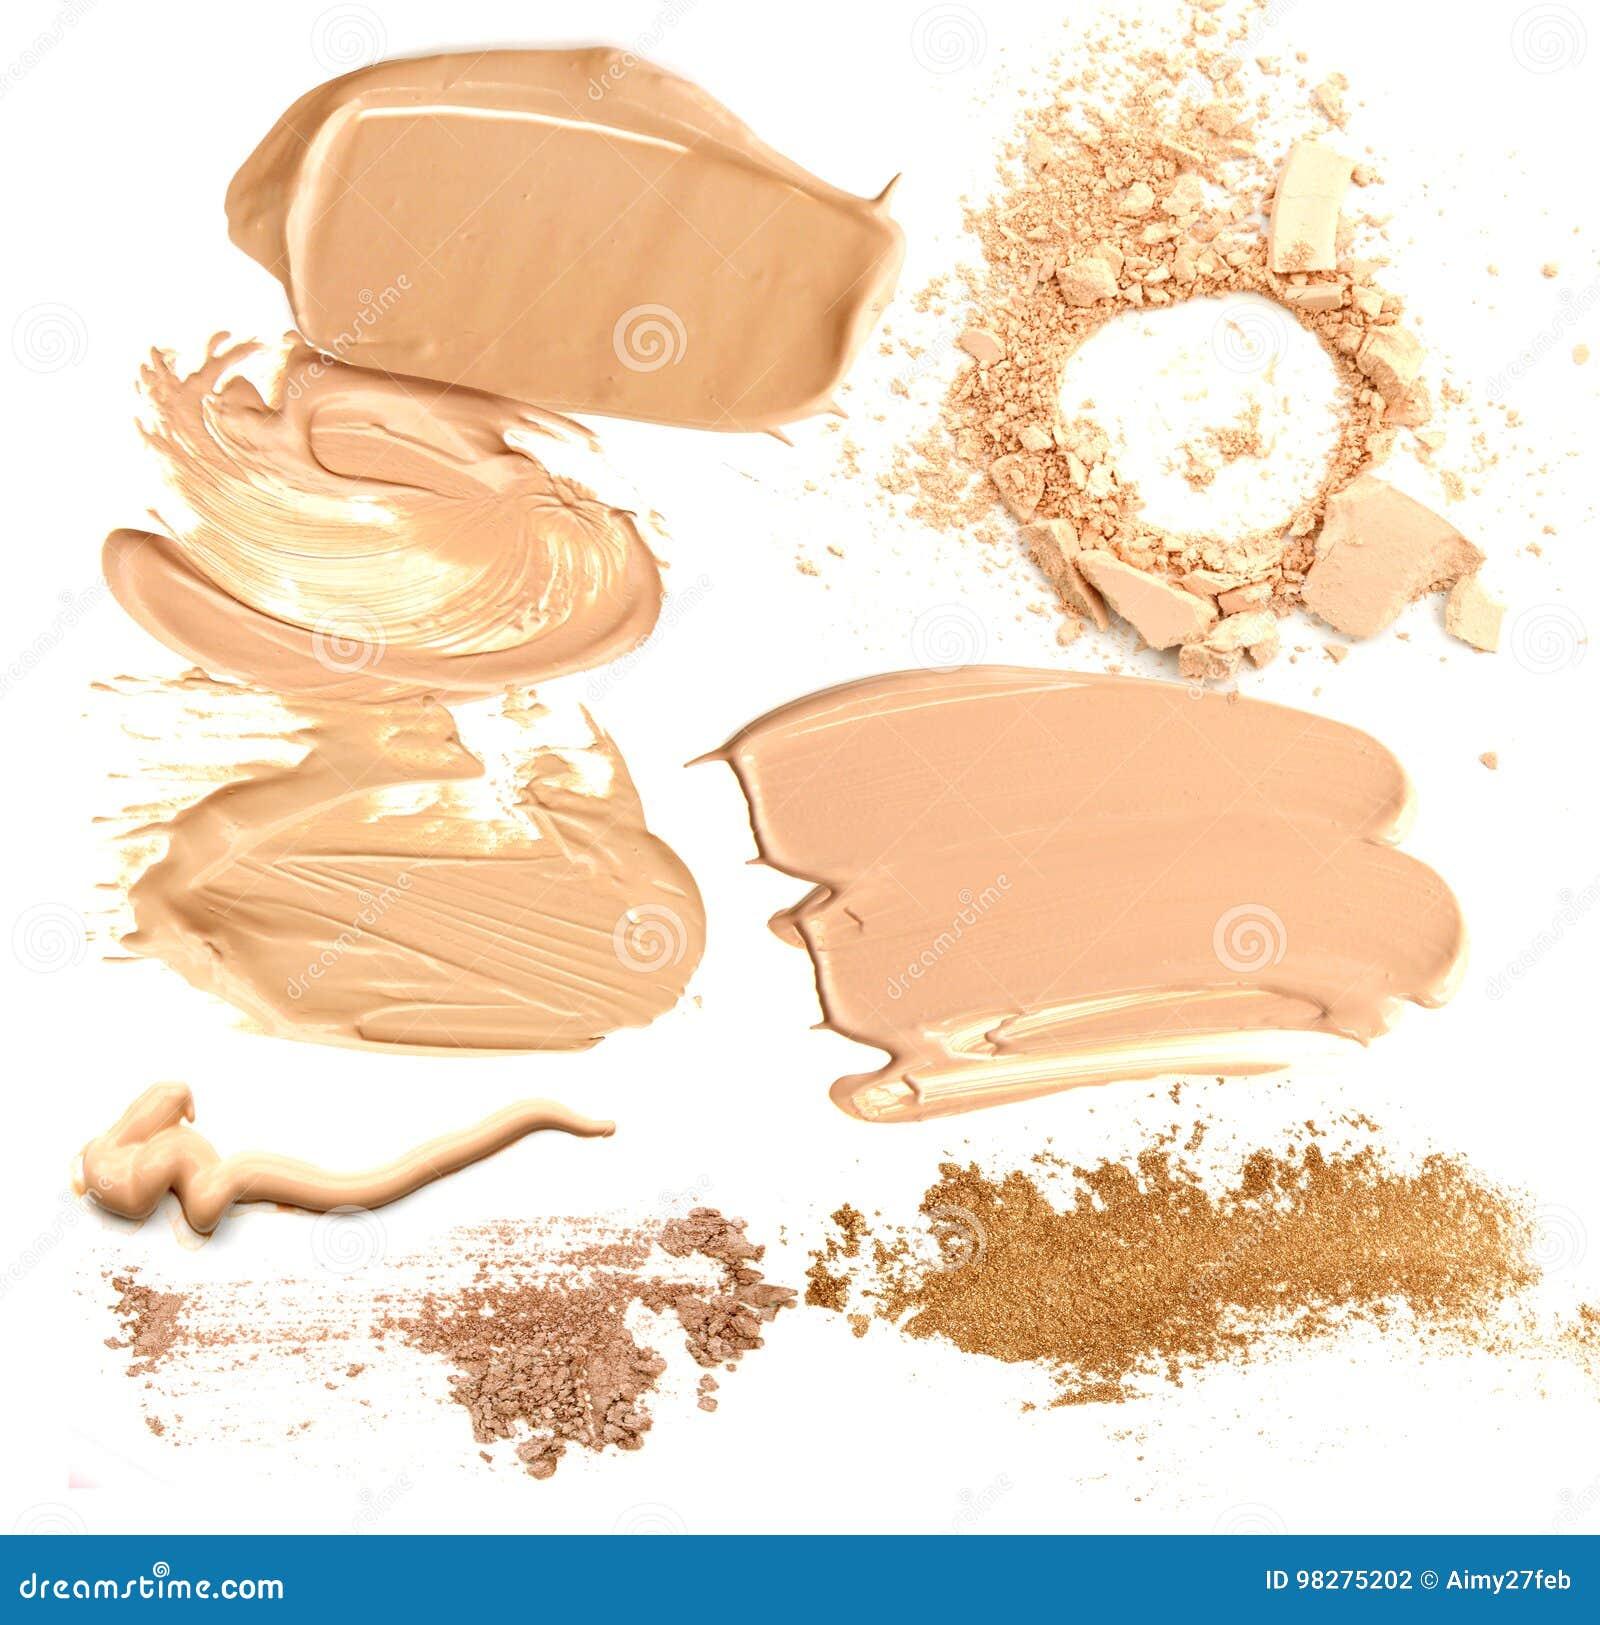 Sammlung beige Grundlage und Pulver zerquetschte kosmetische Produkte auf einem weißen Hintergrund